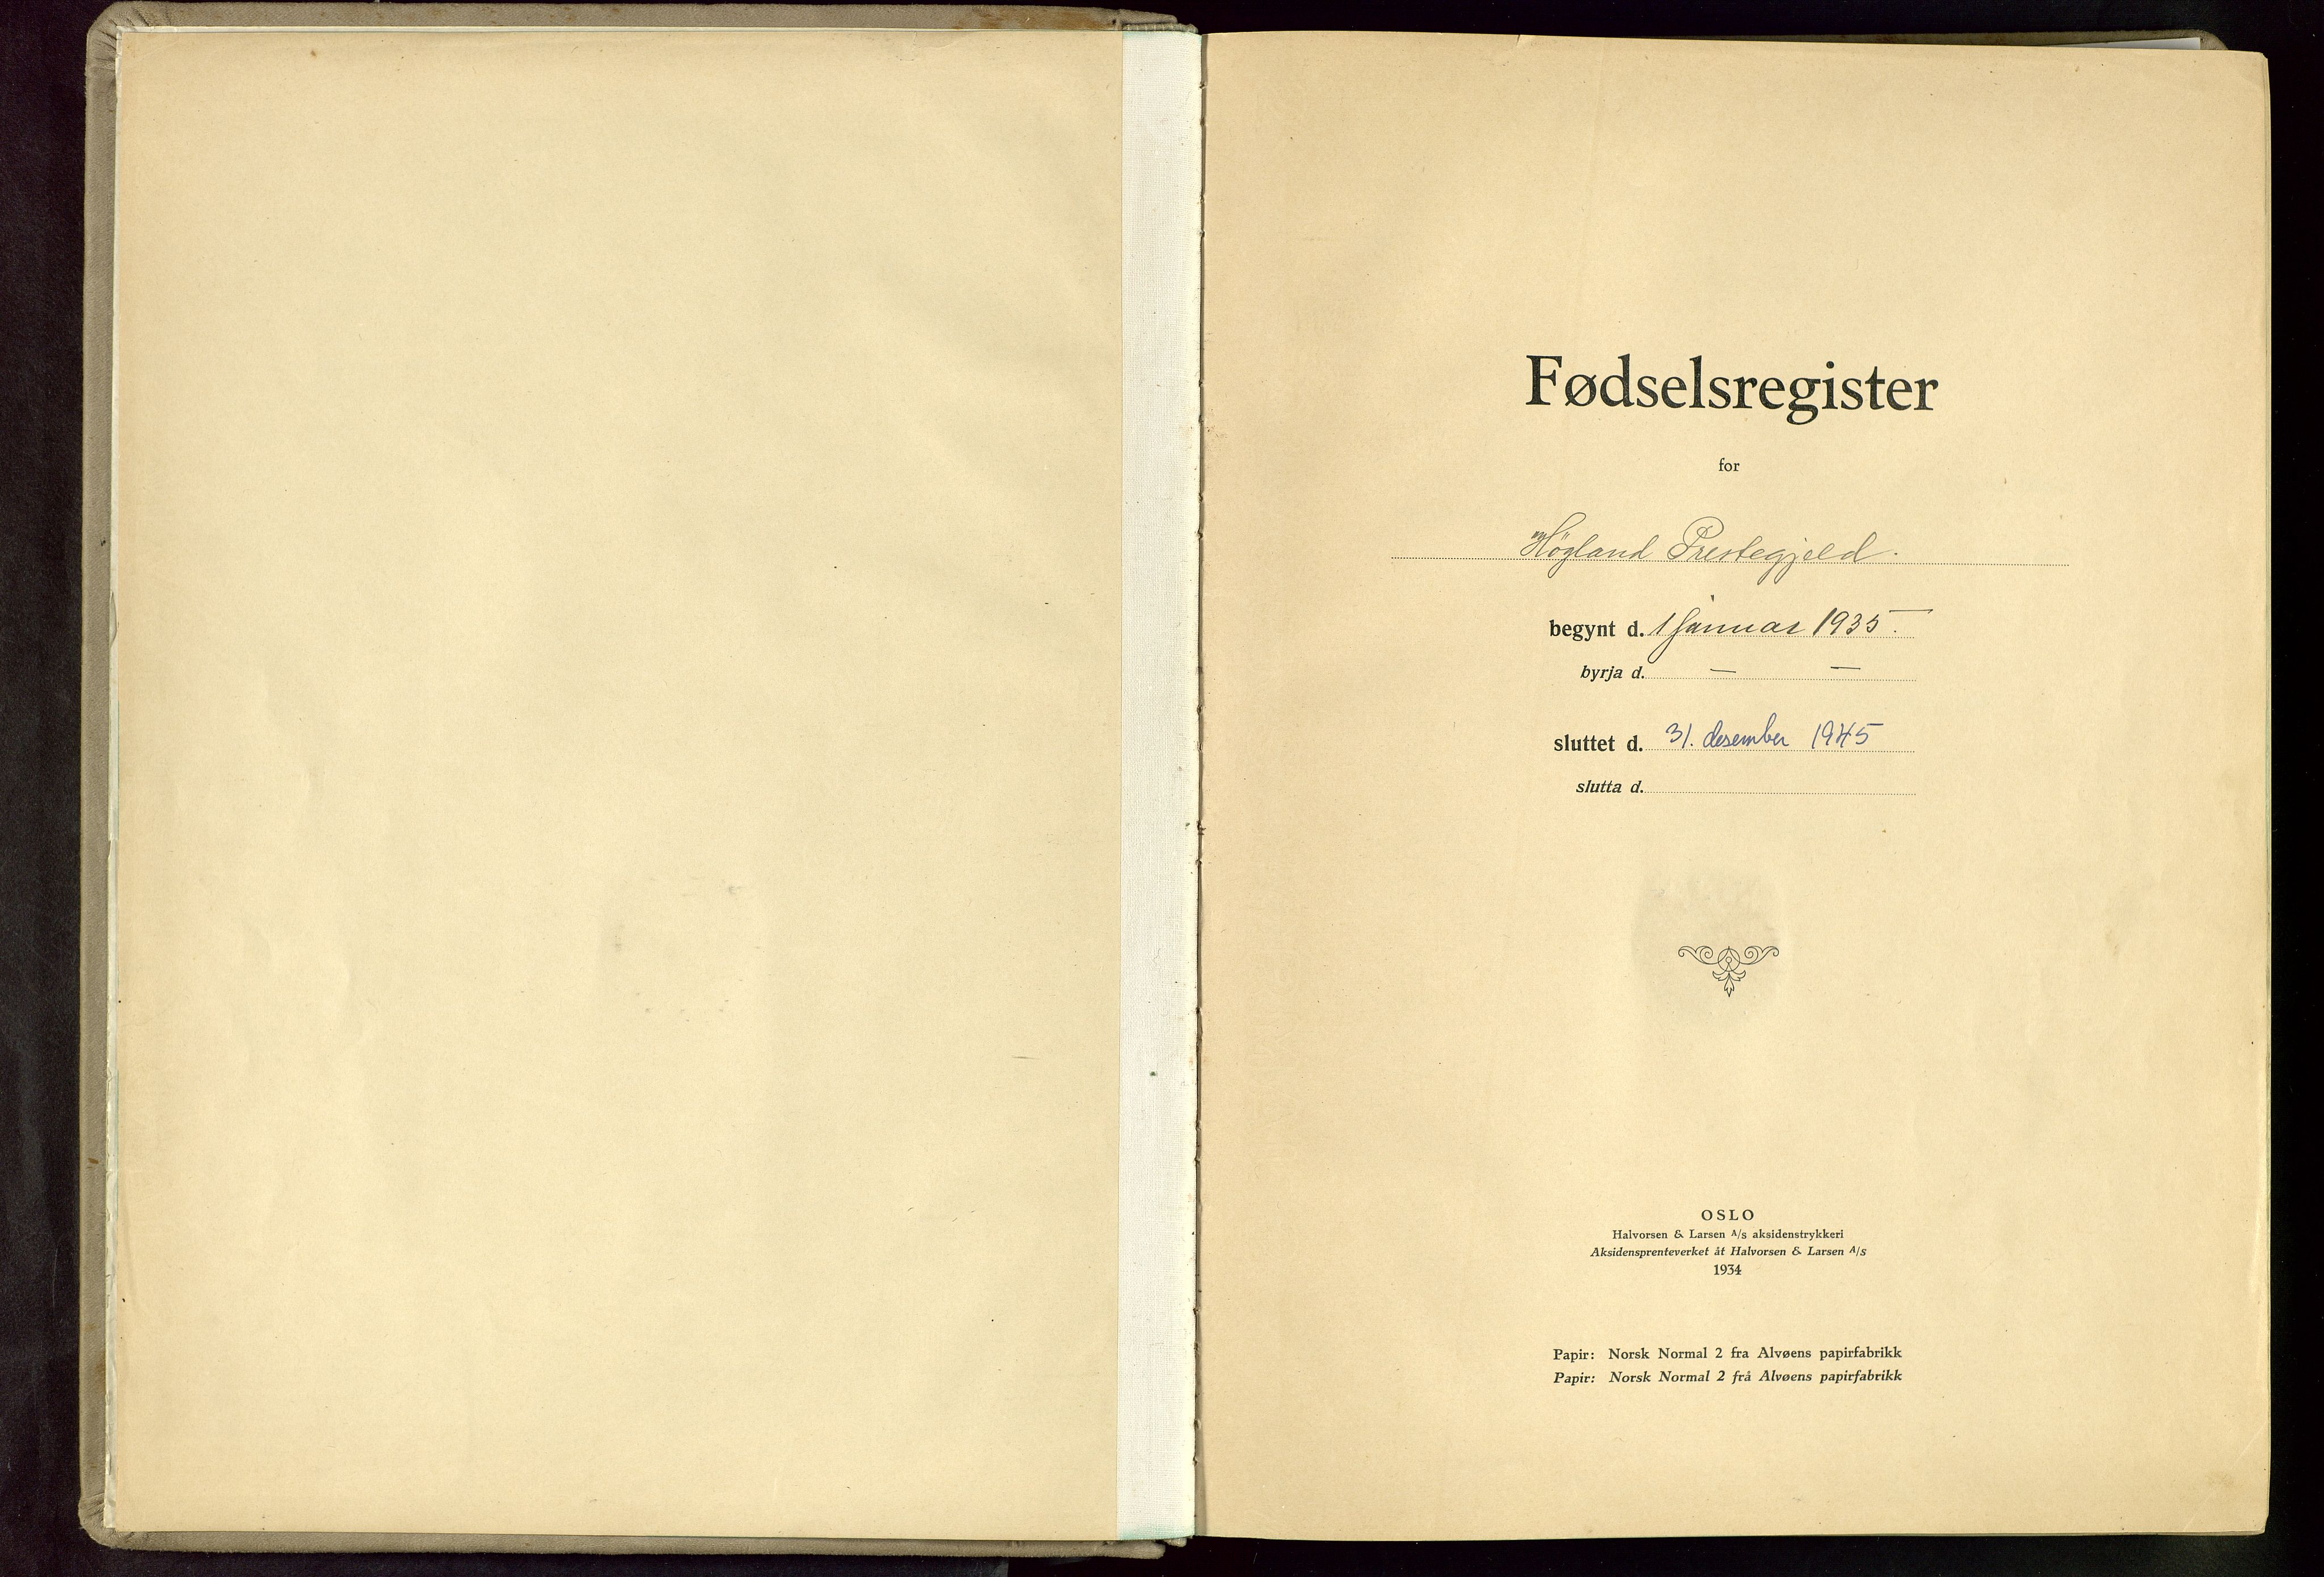 SAST, Høyland sokneprestkontor, O/L0003: Fødselsregister nr. 3, 1935-1945